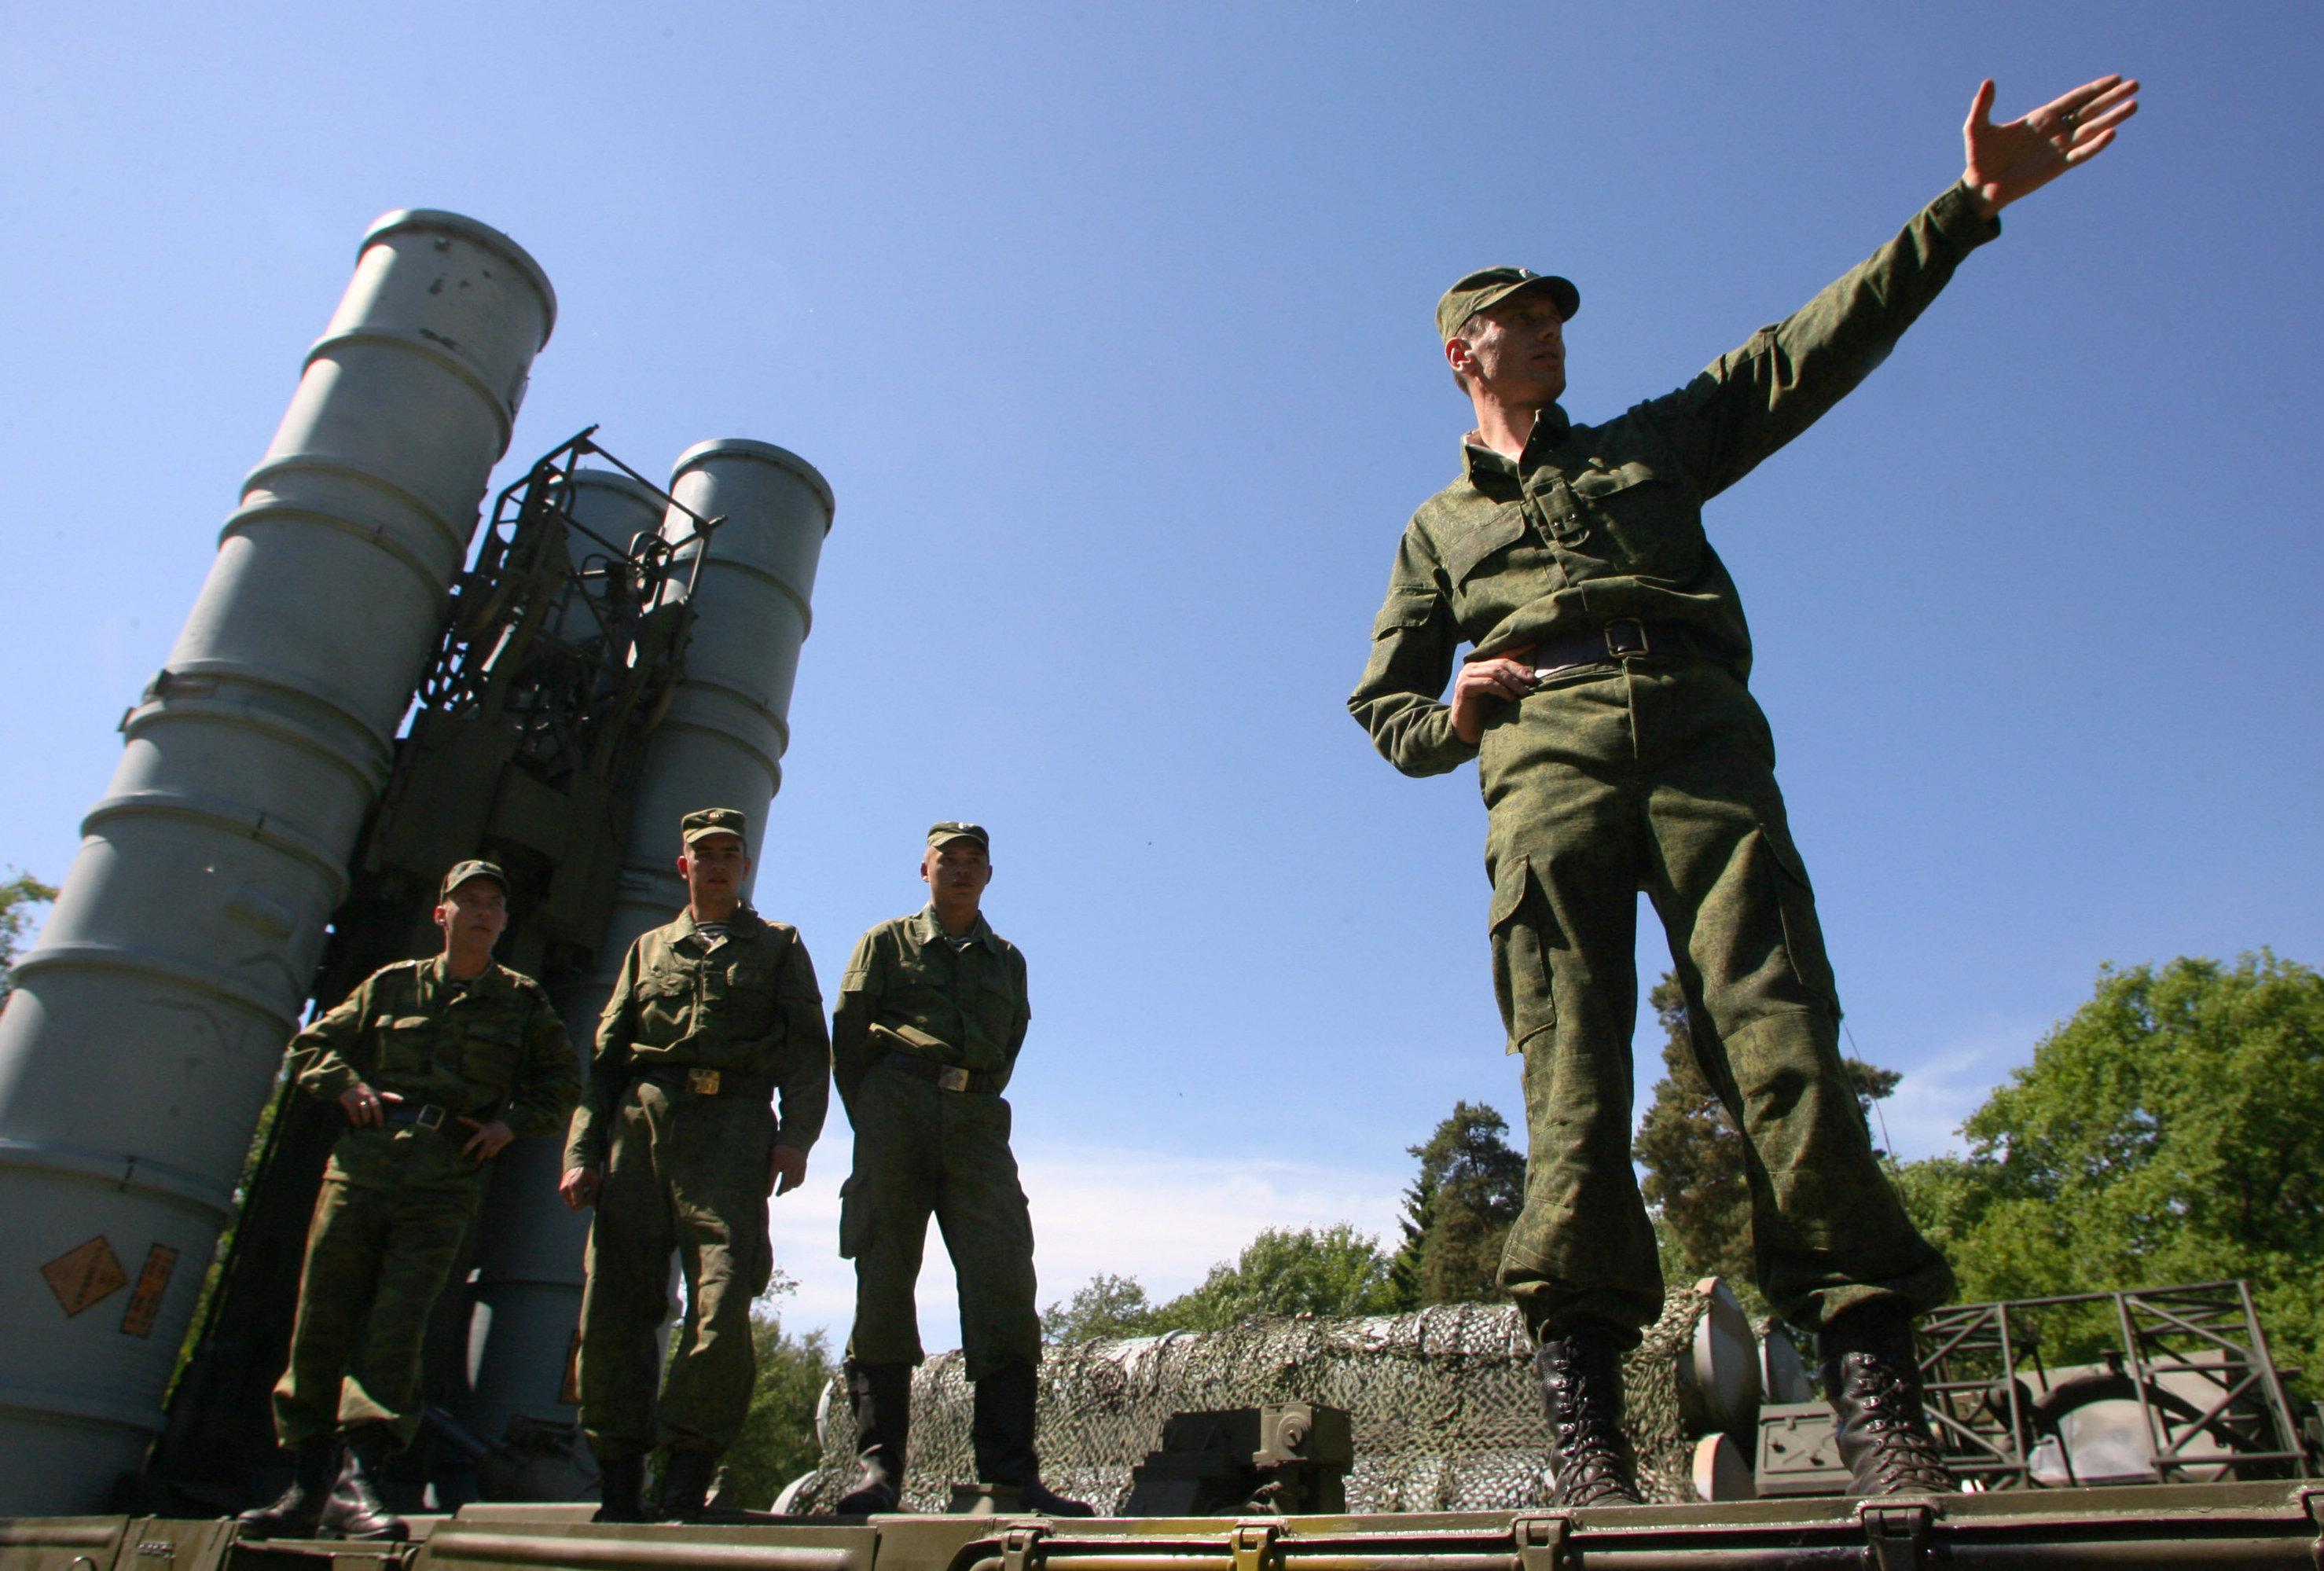 Le système mobile de défense antiaérienne et antimissile assure la sécurité